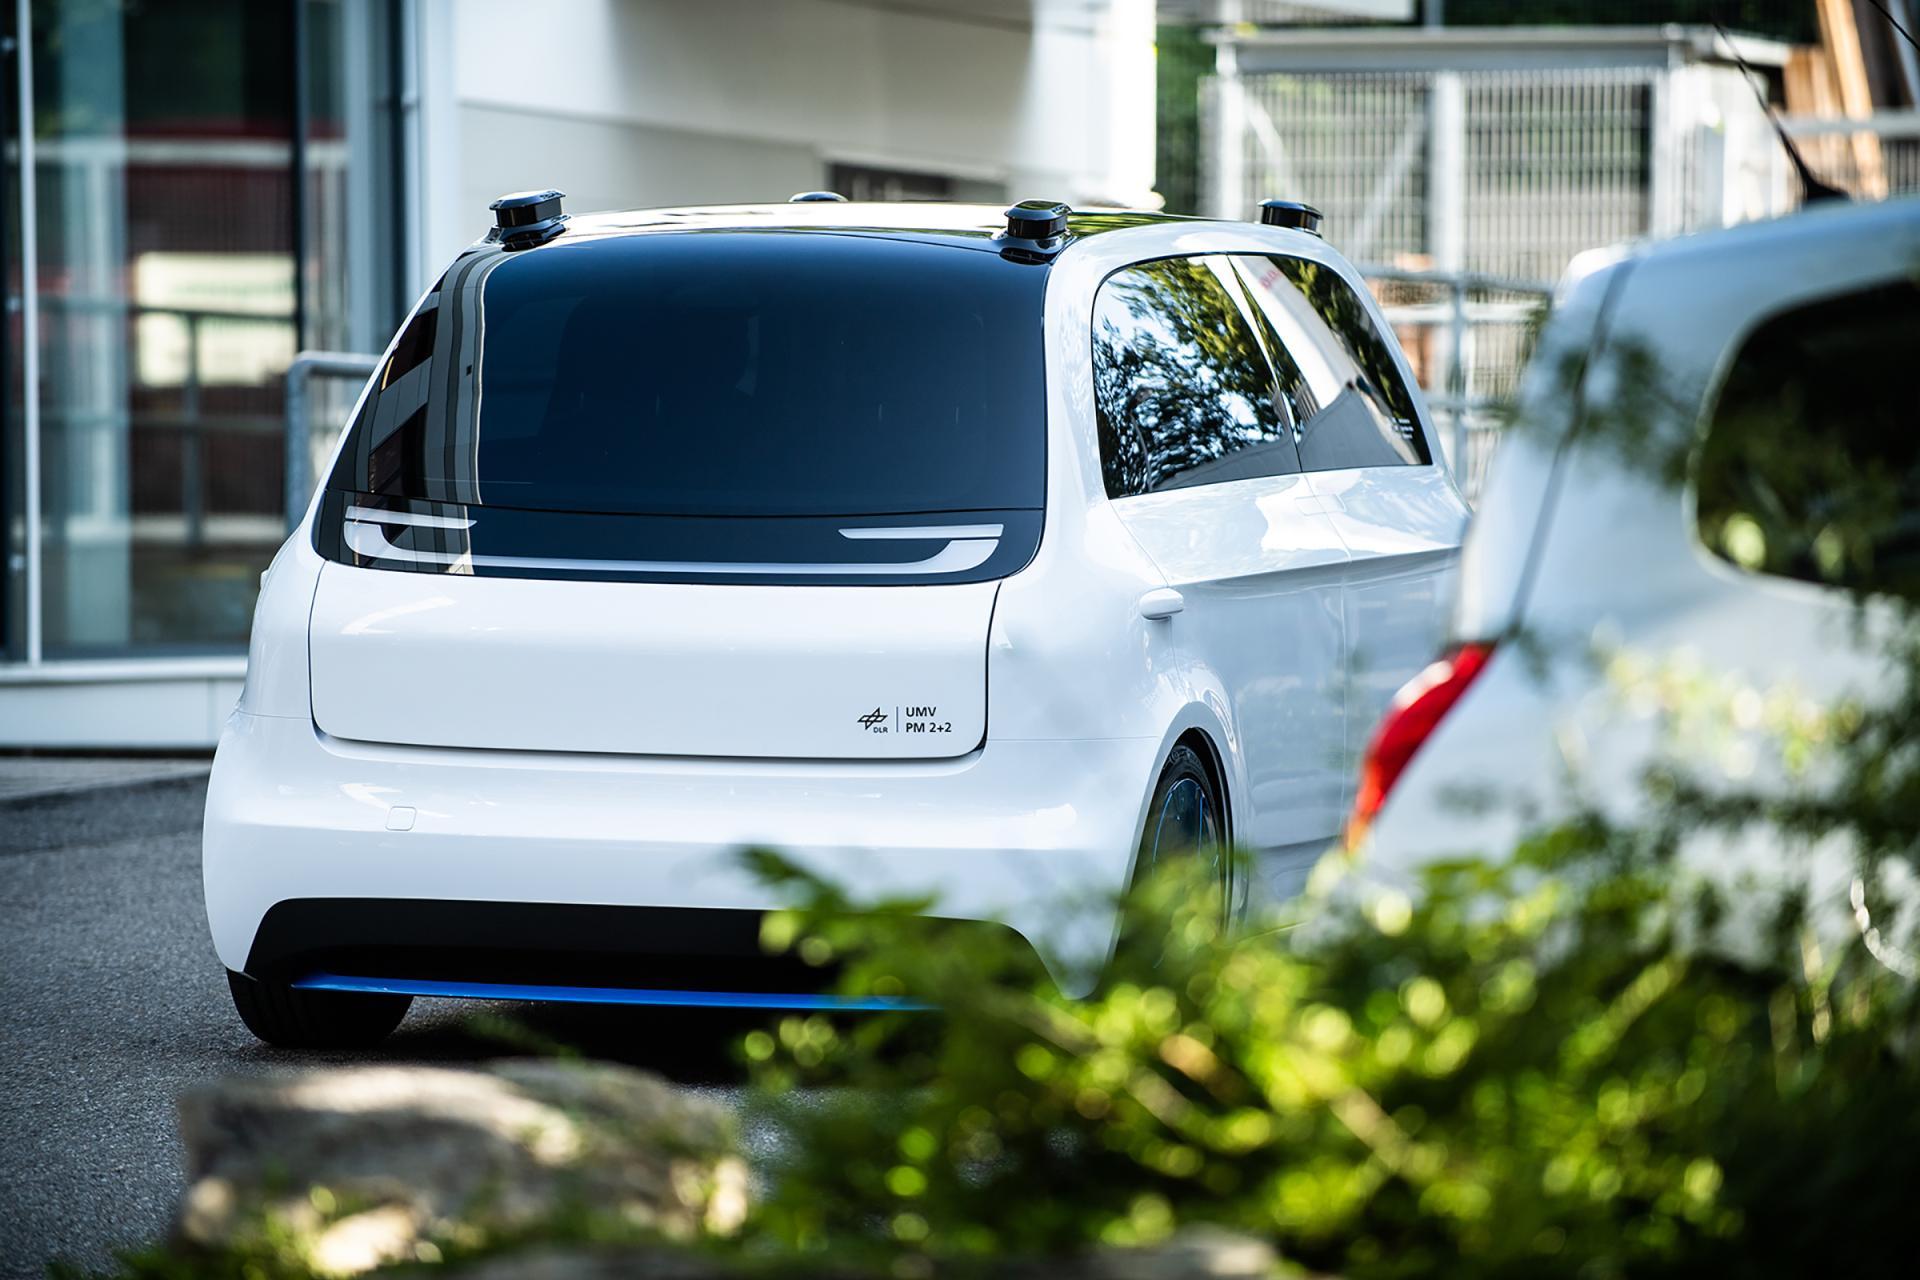 dlr.de | Das Urban Modular Vehicle, kurz UMV, ist ein intelligentes, modular aufgebautes Elektro-Stadtauto, das Komfort mit hohen Sicherheitsstandards verbindet und gleichzeitig eine flexible und kosteneffiziente Fertigung ermöglicht. Der Nutzer ruft das Fahrzeug per App und verifiziert sich über eine Schnittstelle am Fahrzeug.